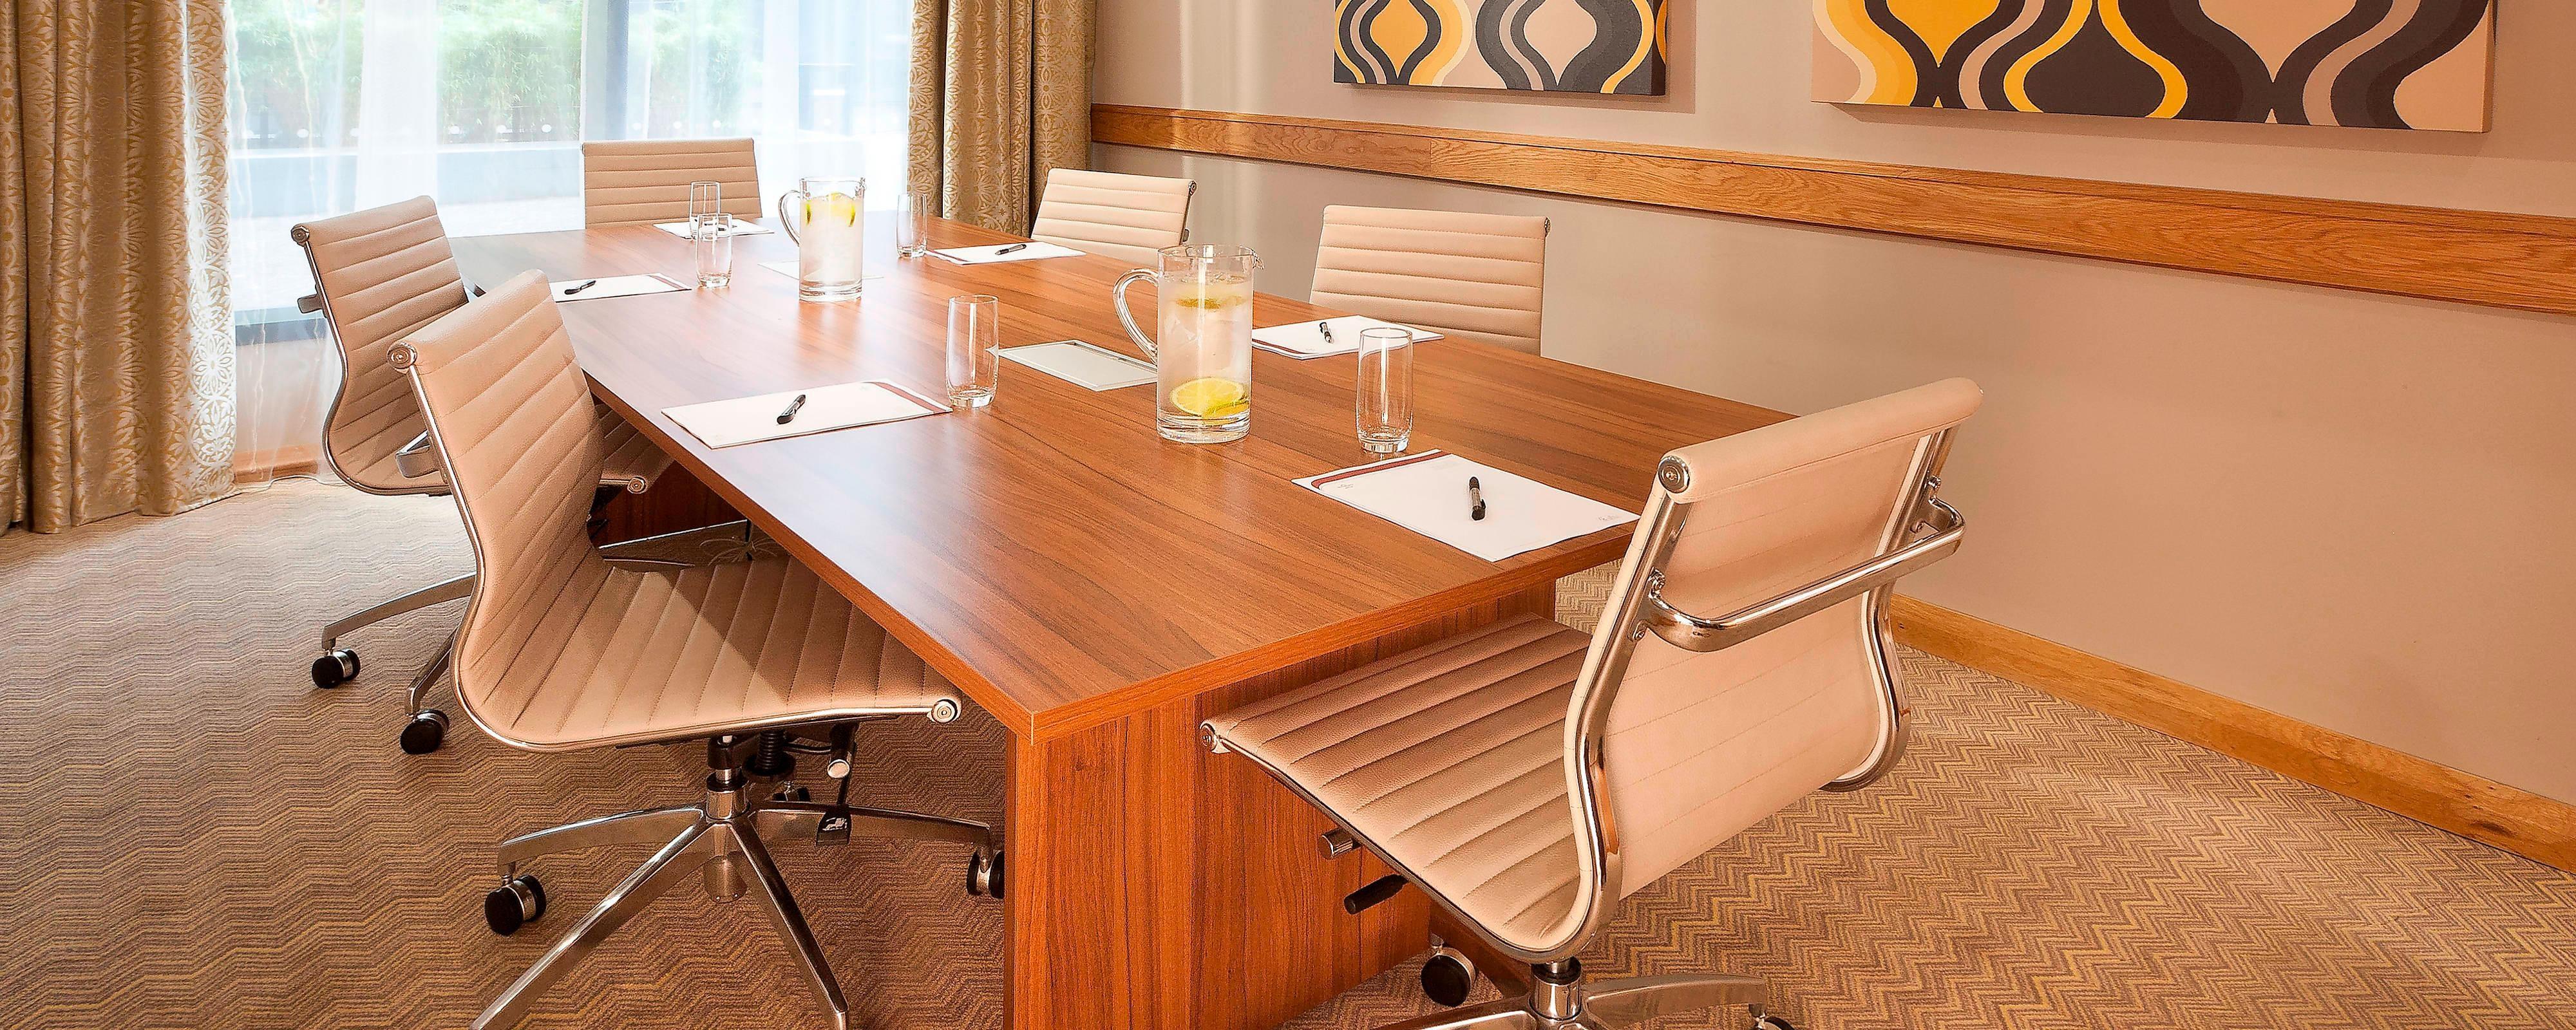 Marriott Residence Inn Floor Plans Group Accommodation Edinburgh Conference Residence Inn